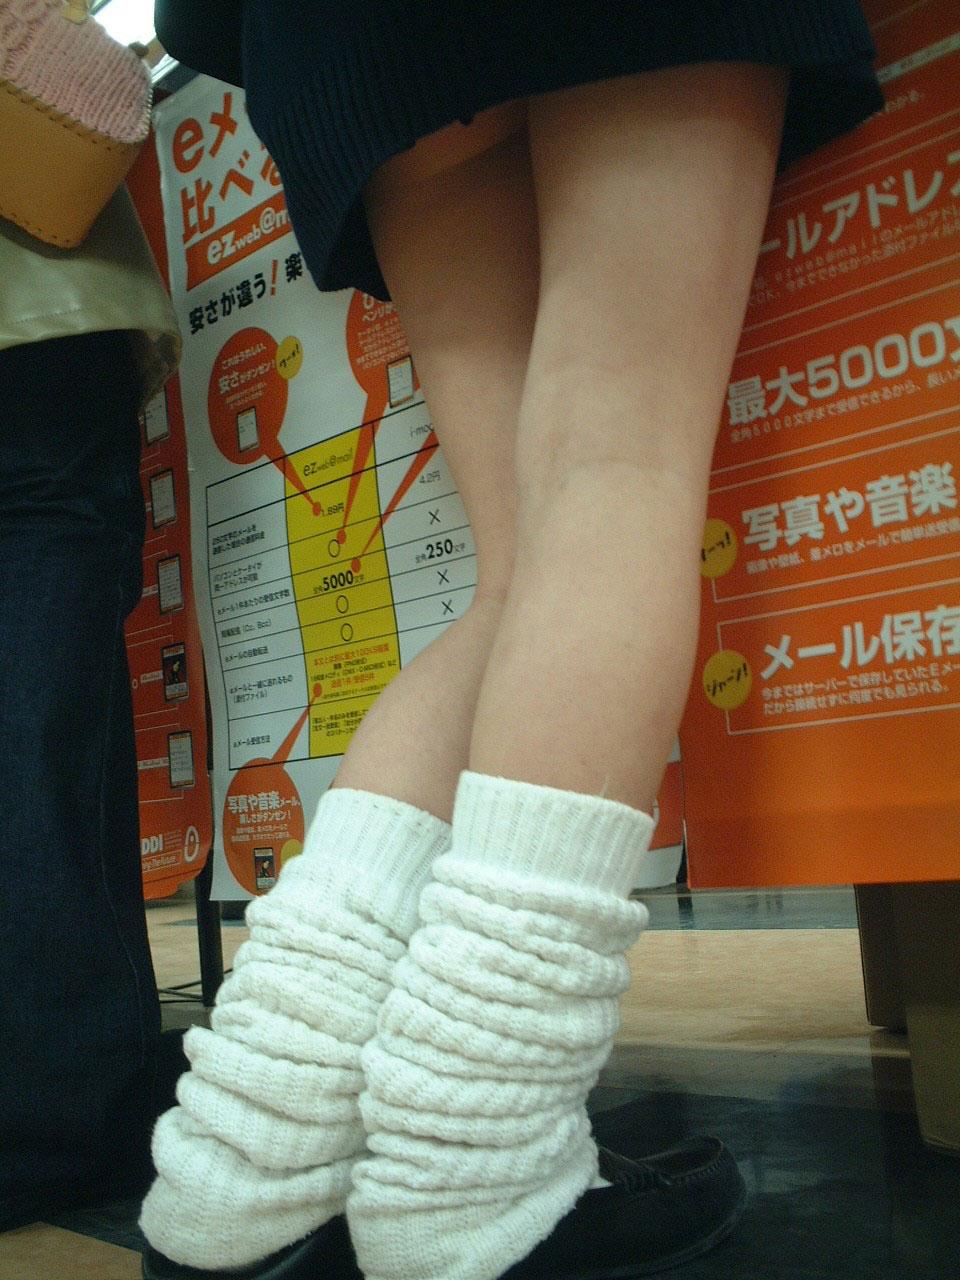 【JKエロ画像】ピチピチの太ももを季節関係なく晒してくれるJKというありがたい存在www 13